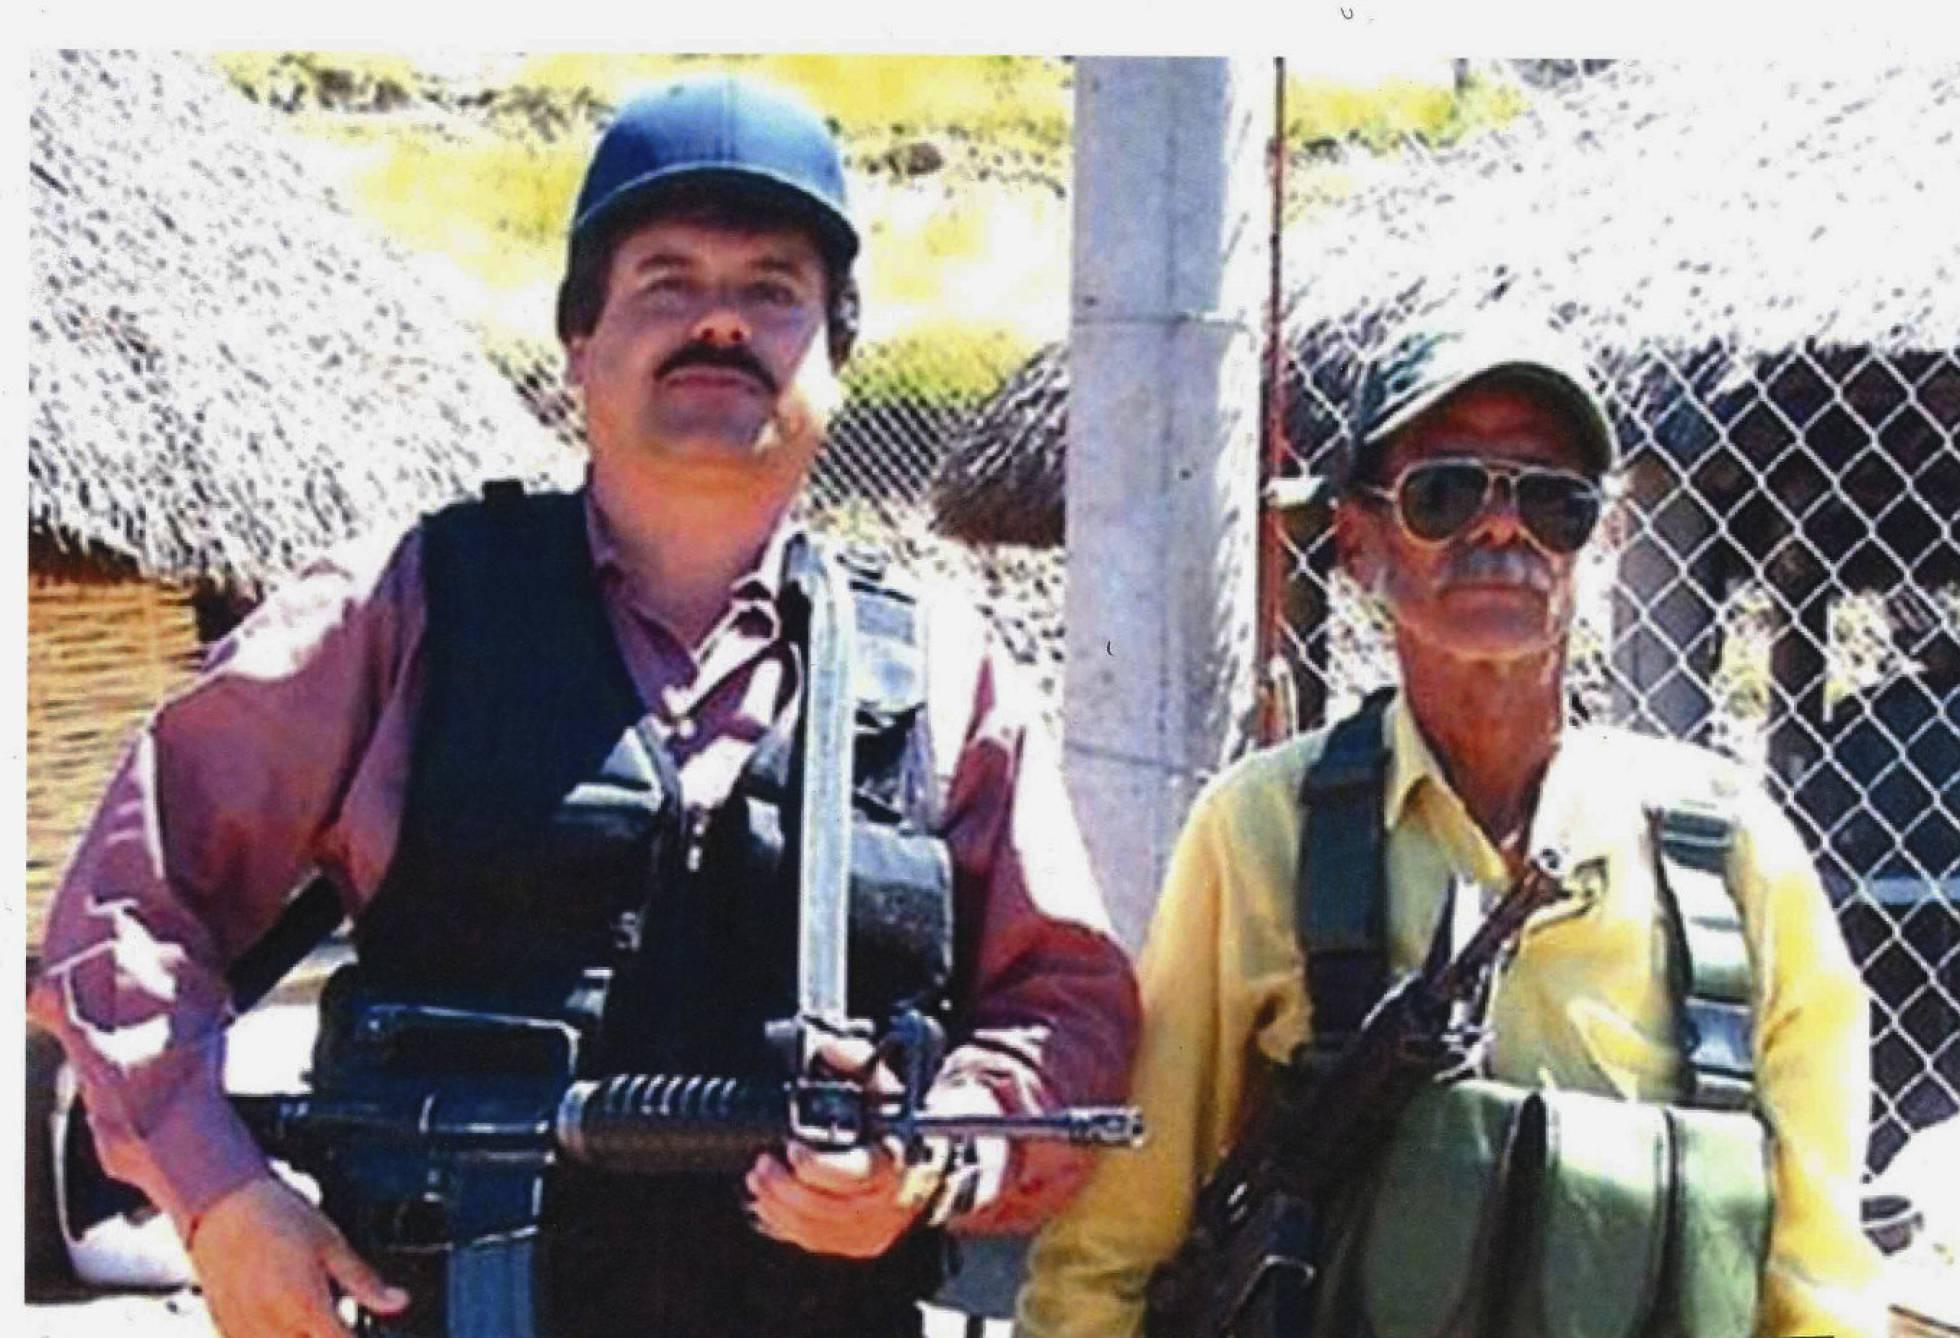 Así es el móvil de un narcotraficante como El Chapo